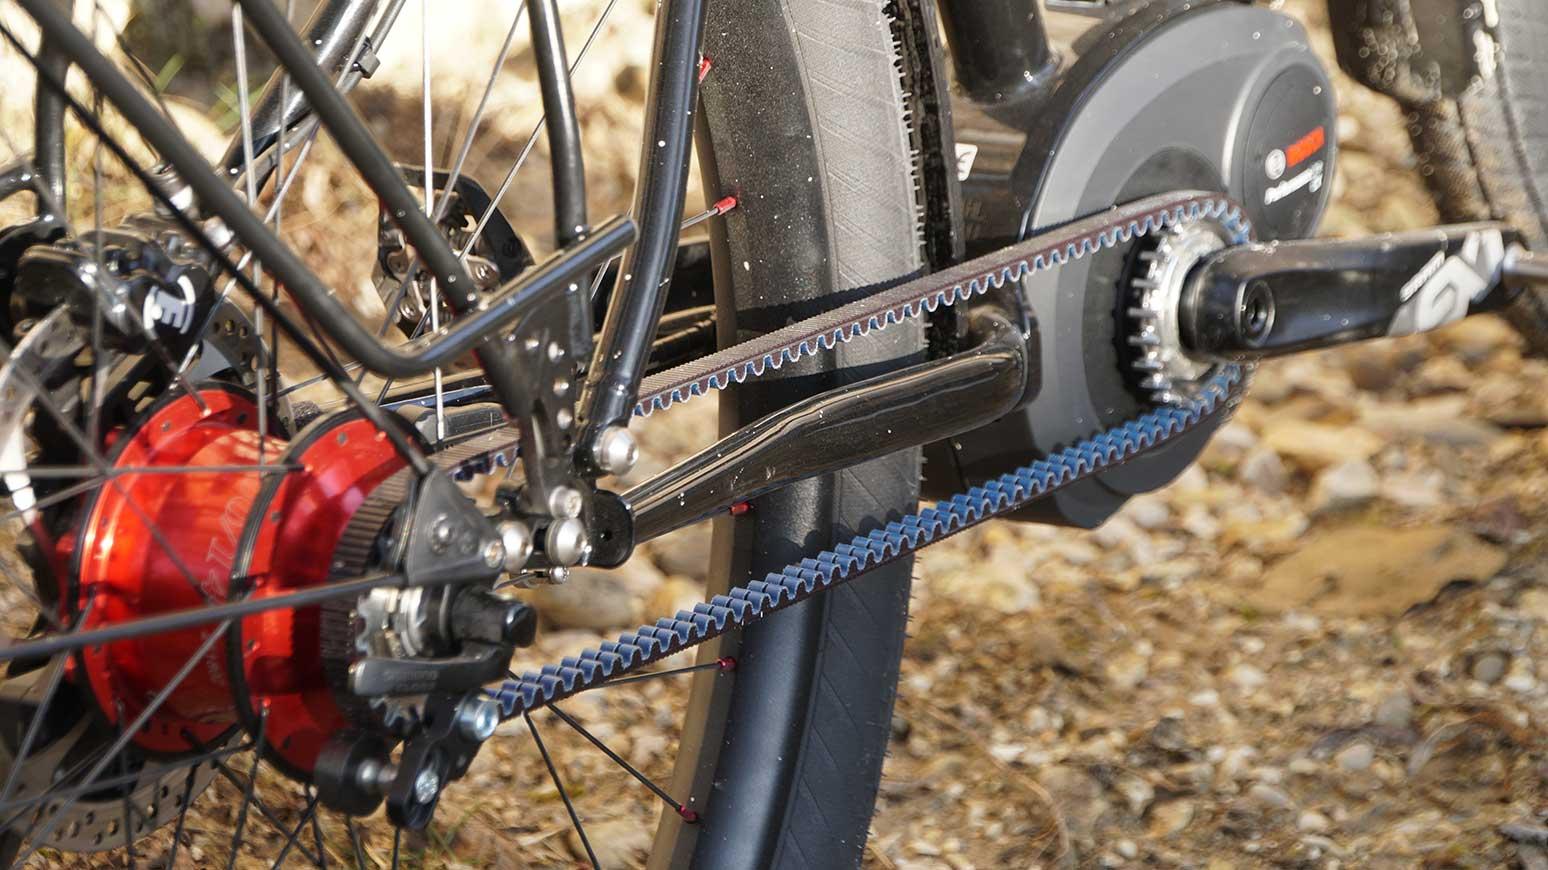 Rennstahl Reiserad Rohloff - zugelassen bis 185 Kilo maximalem Gesamtgewicht